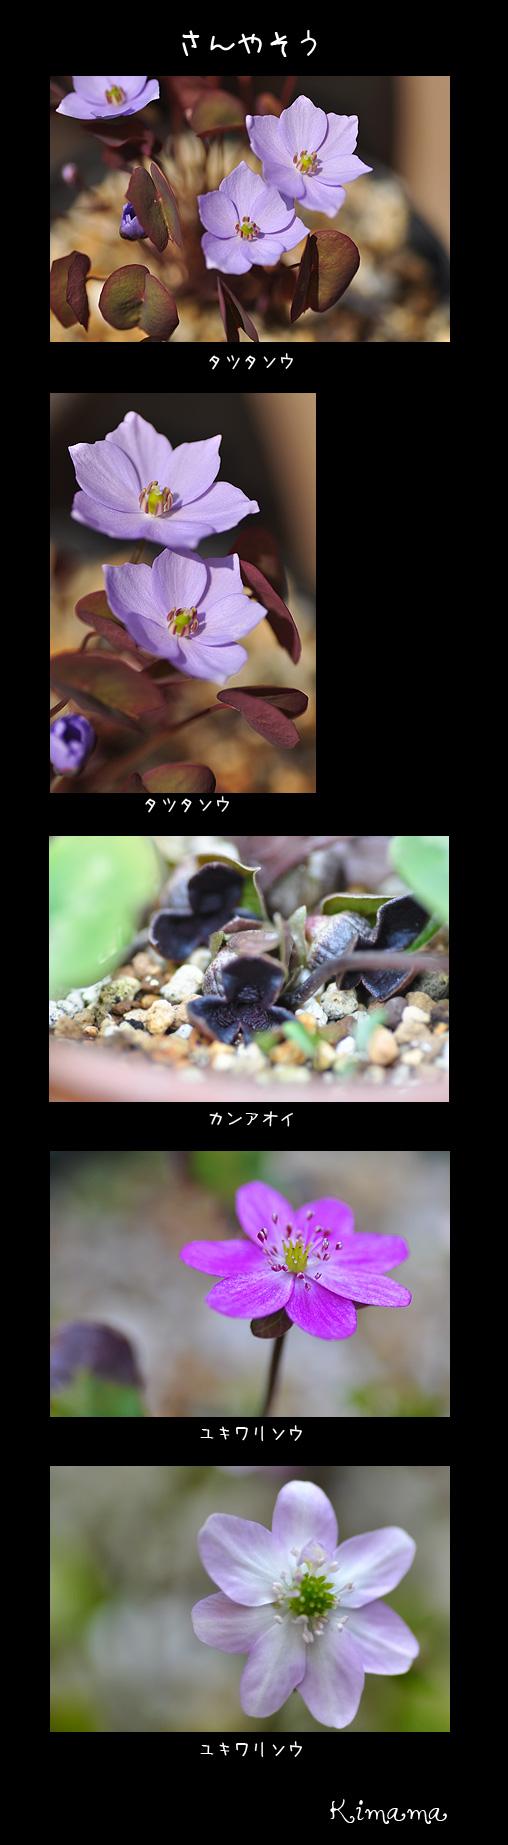 3月31日庭の花3